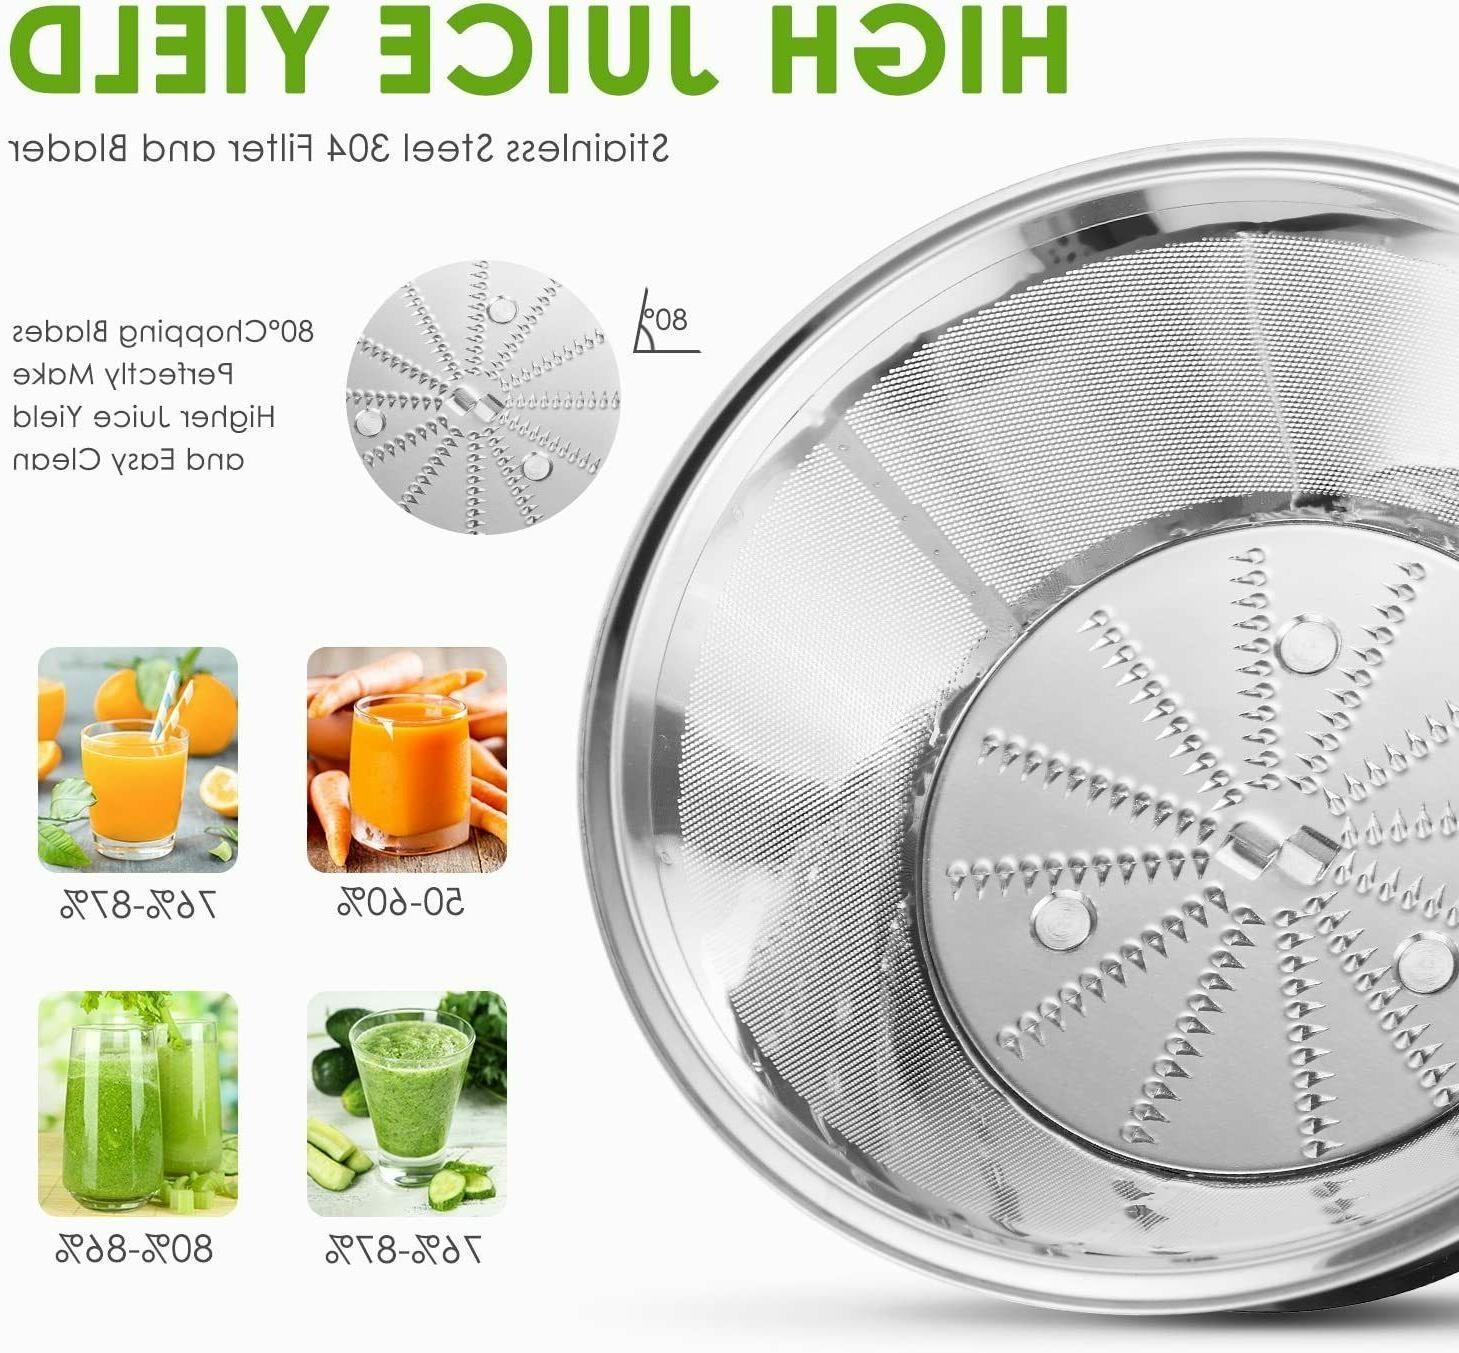 Extractor Jugos Para Frutas Inoxidable Exprimidor jugo